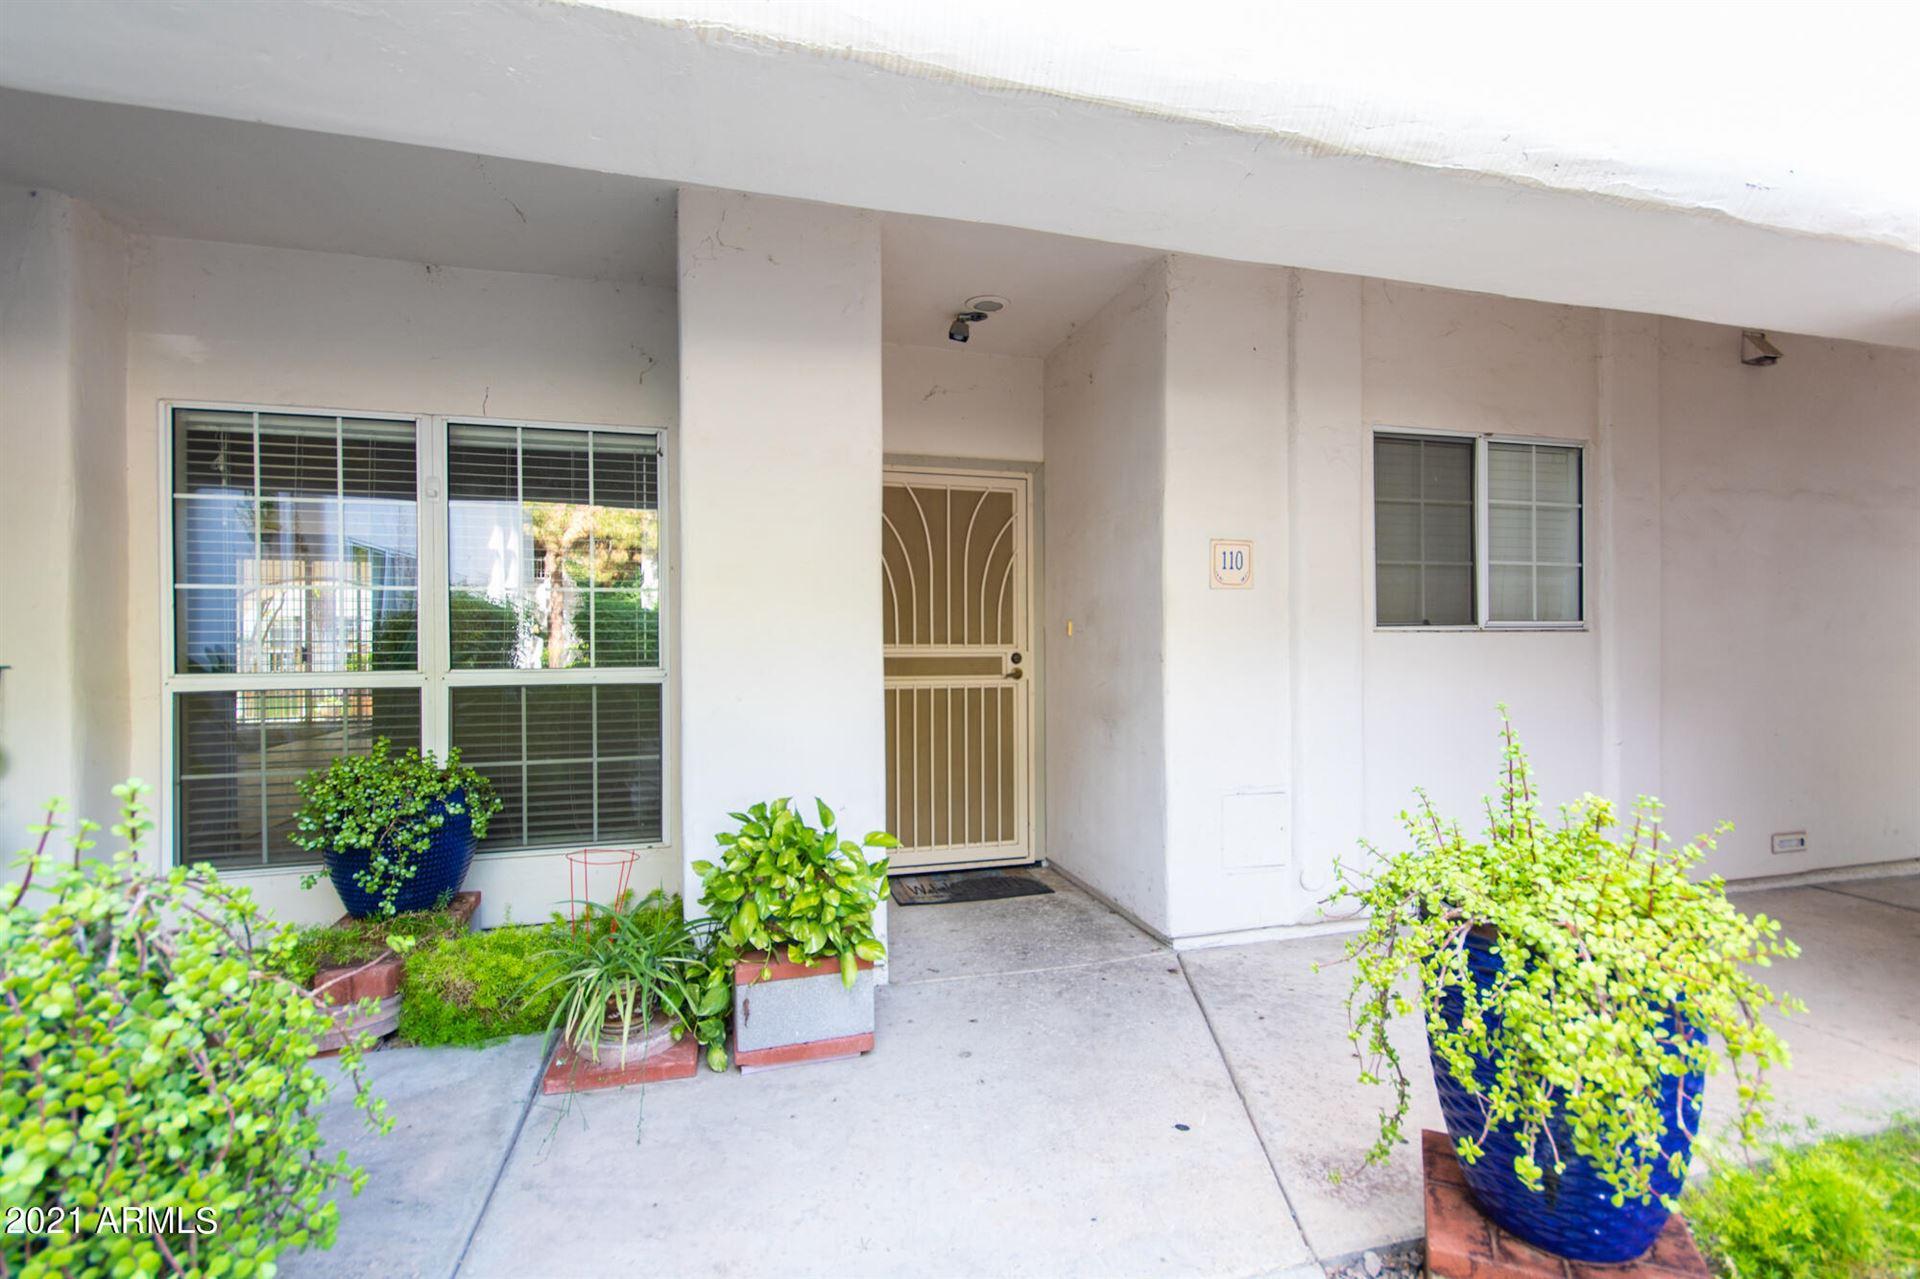 Photo of 5200 S LAKESHORE Drive #110, Tempe, AZ 85283 (MLS # 6295053)